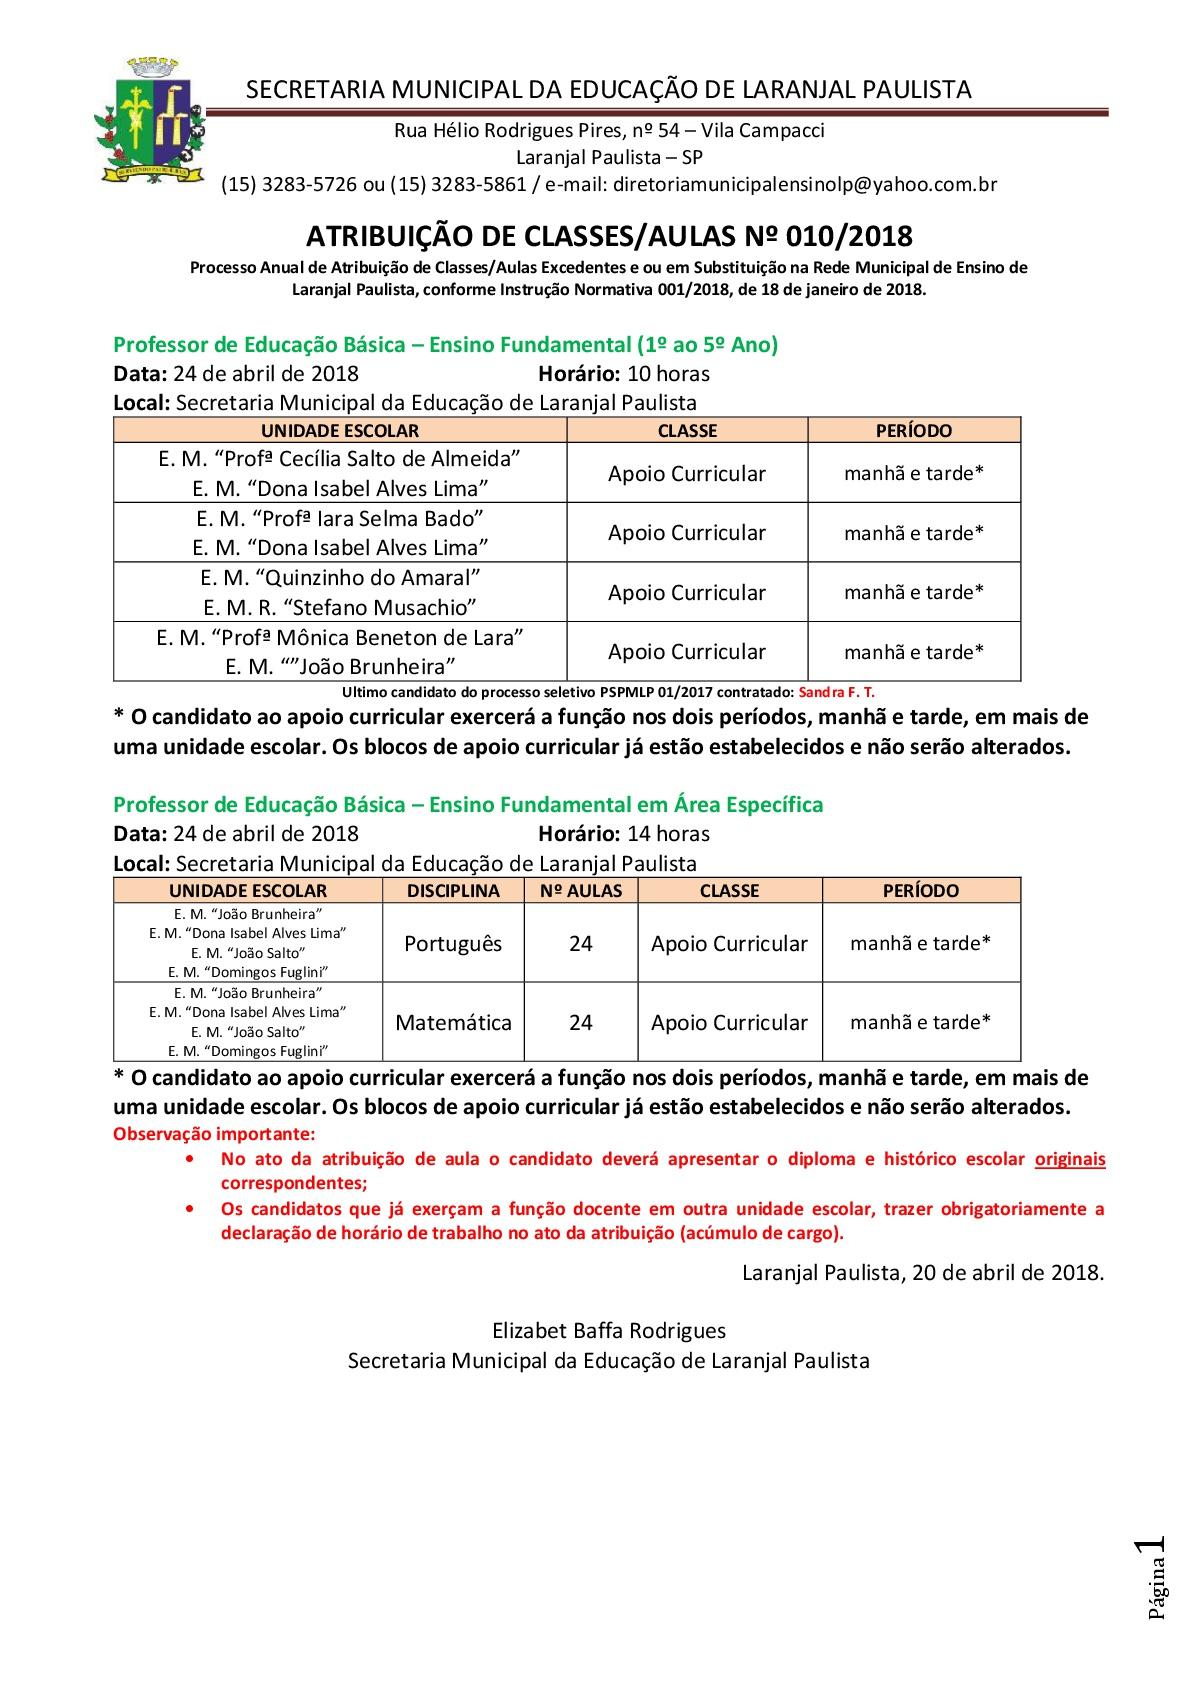 Atribuição de classes e ou aulas excedentes nº 010-2018